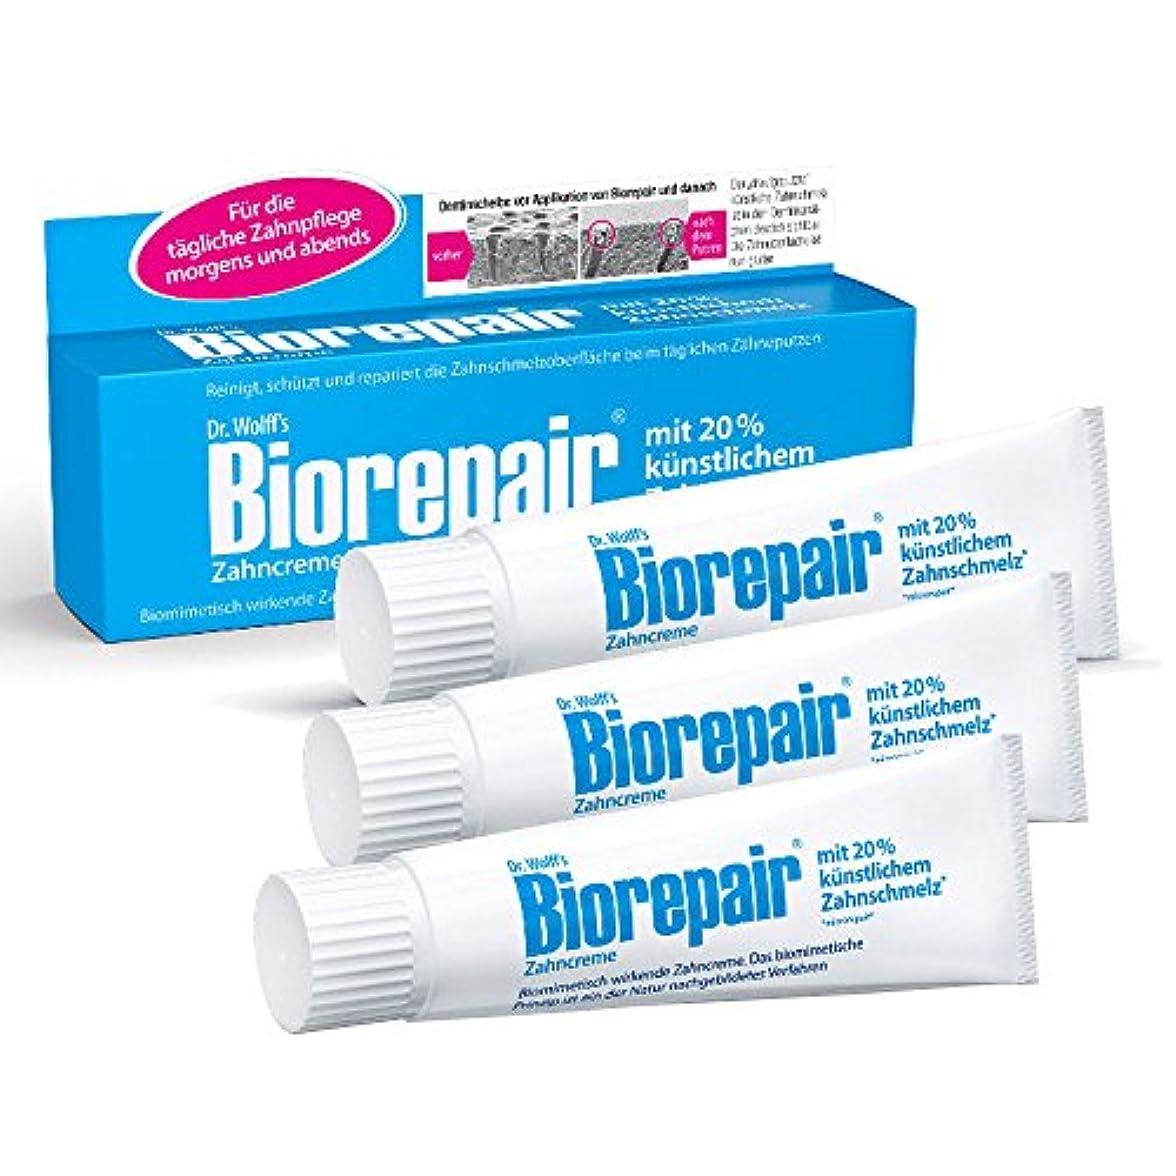 歯痛誤解する座るBiorepair 歯磨き粉オリジナル、75ml 歯の保護 耐摩耗性 x 3 [並行輸入品]